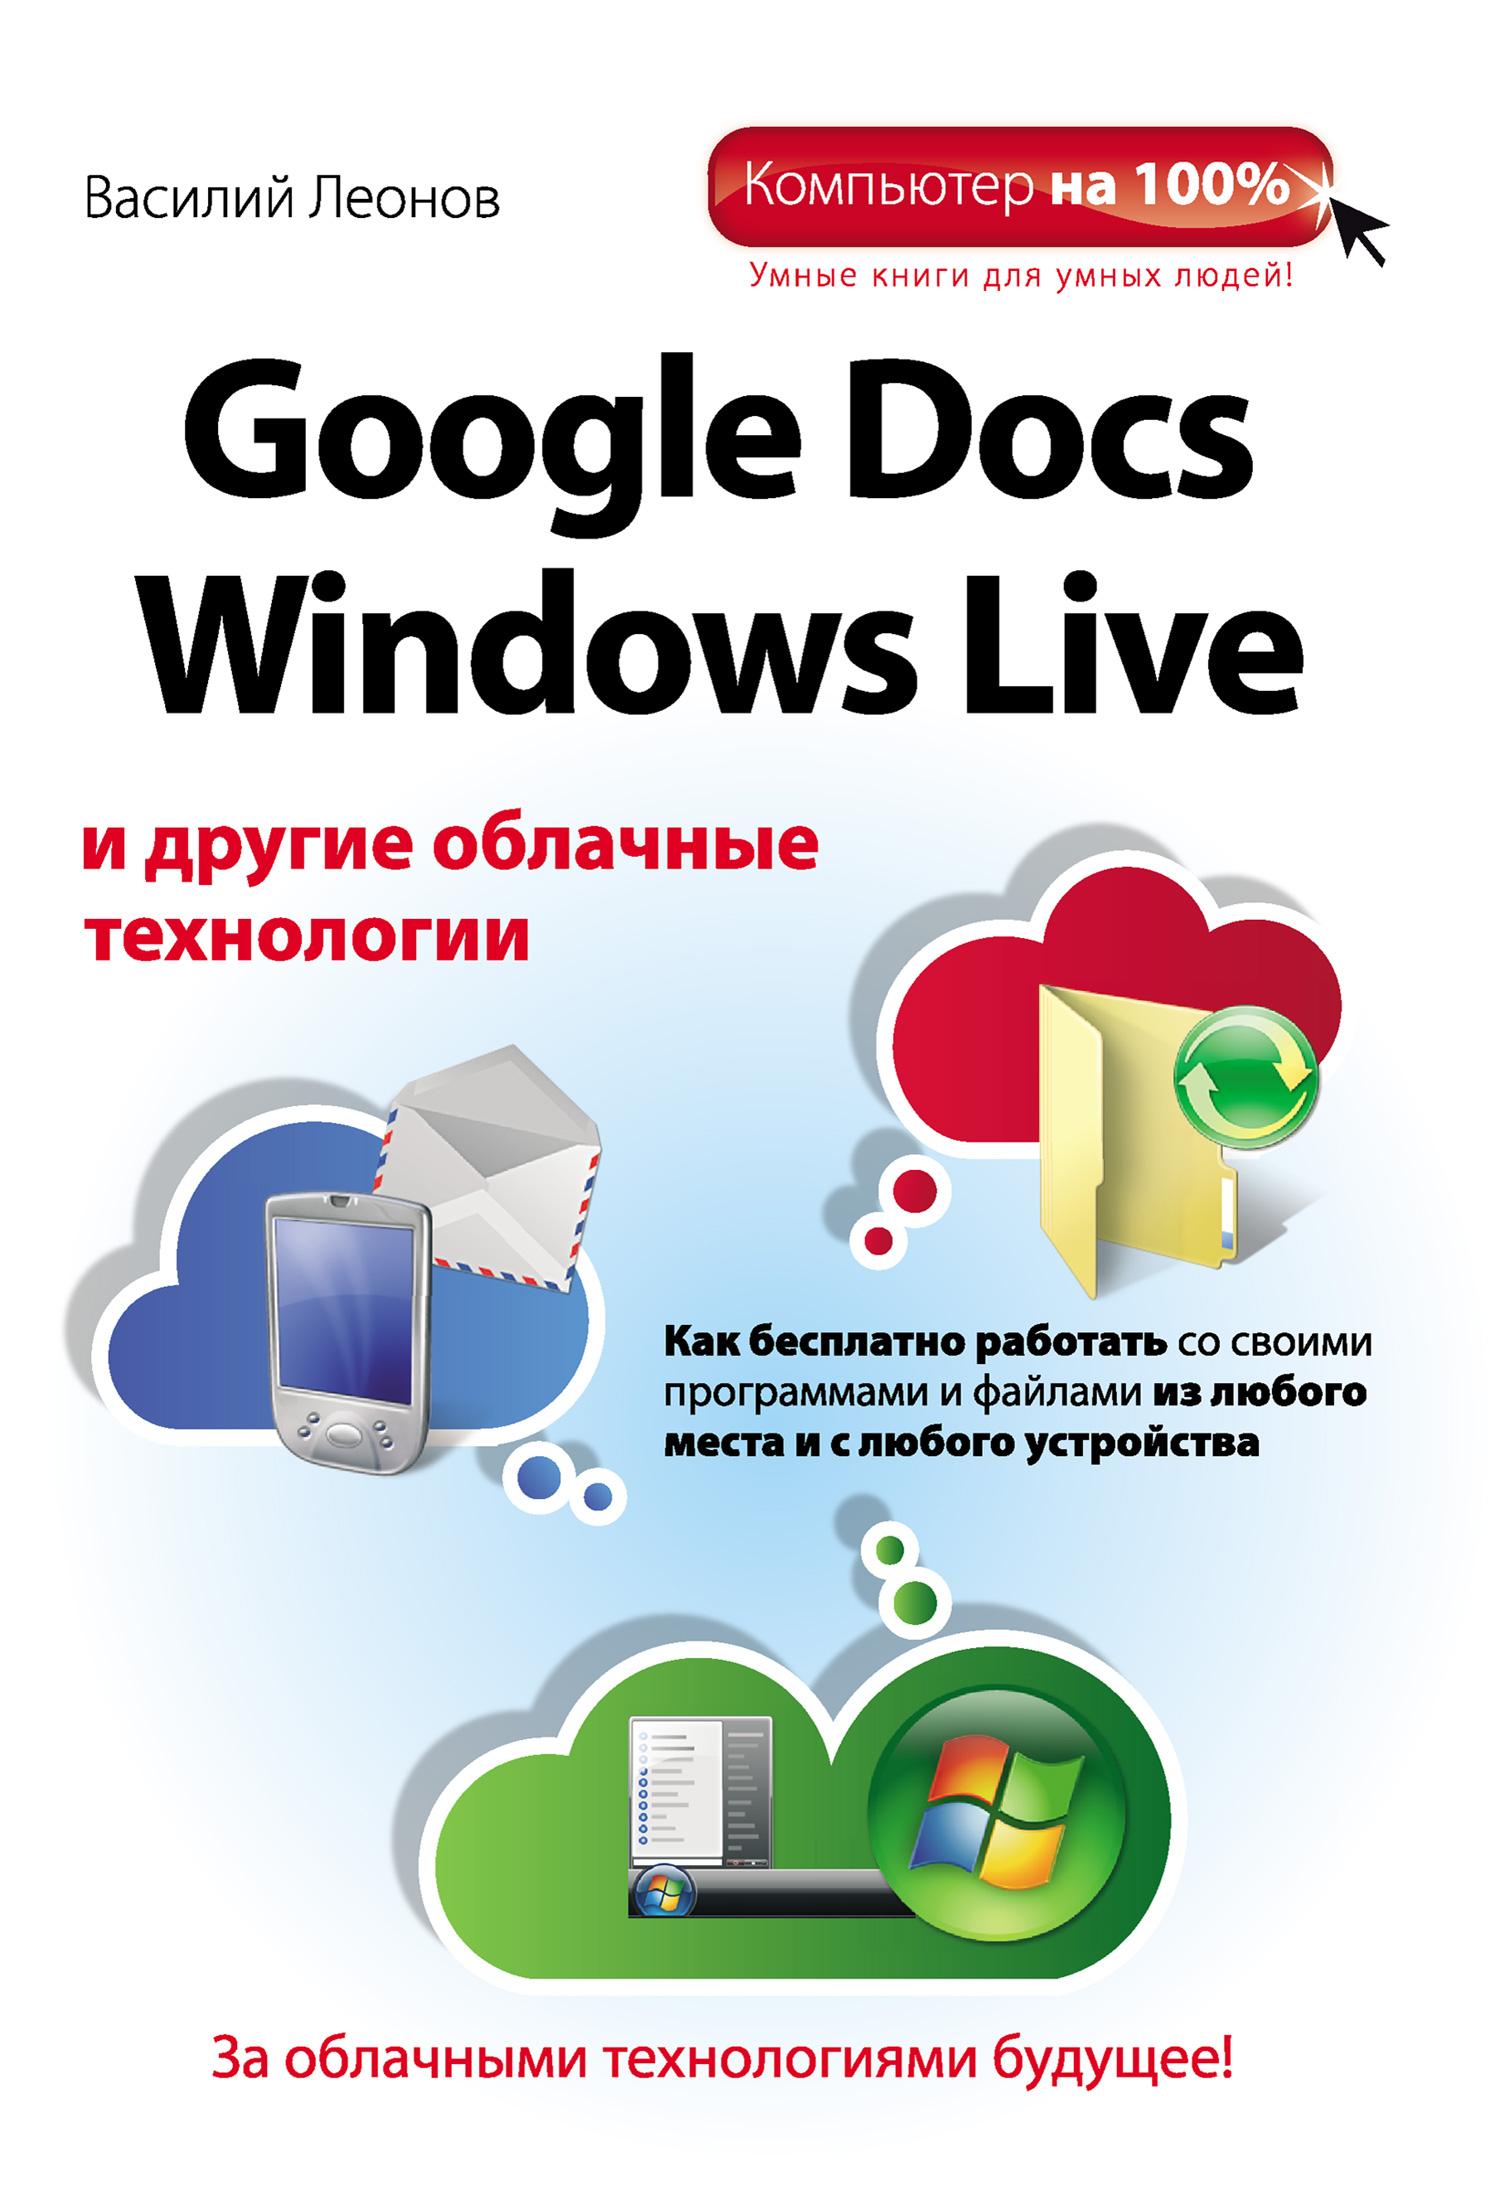 Google Docs, Windows Liveи другие облачные технологии